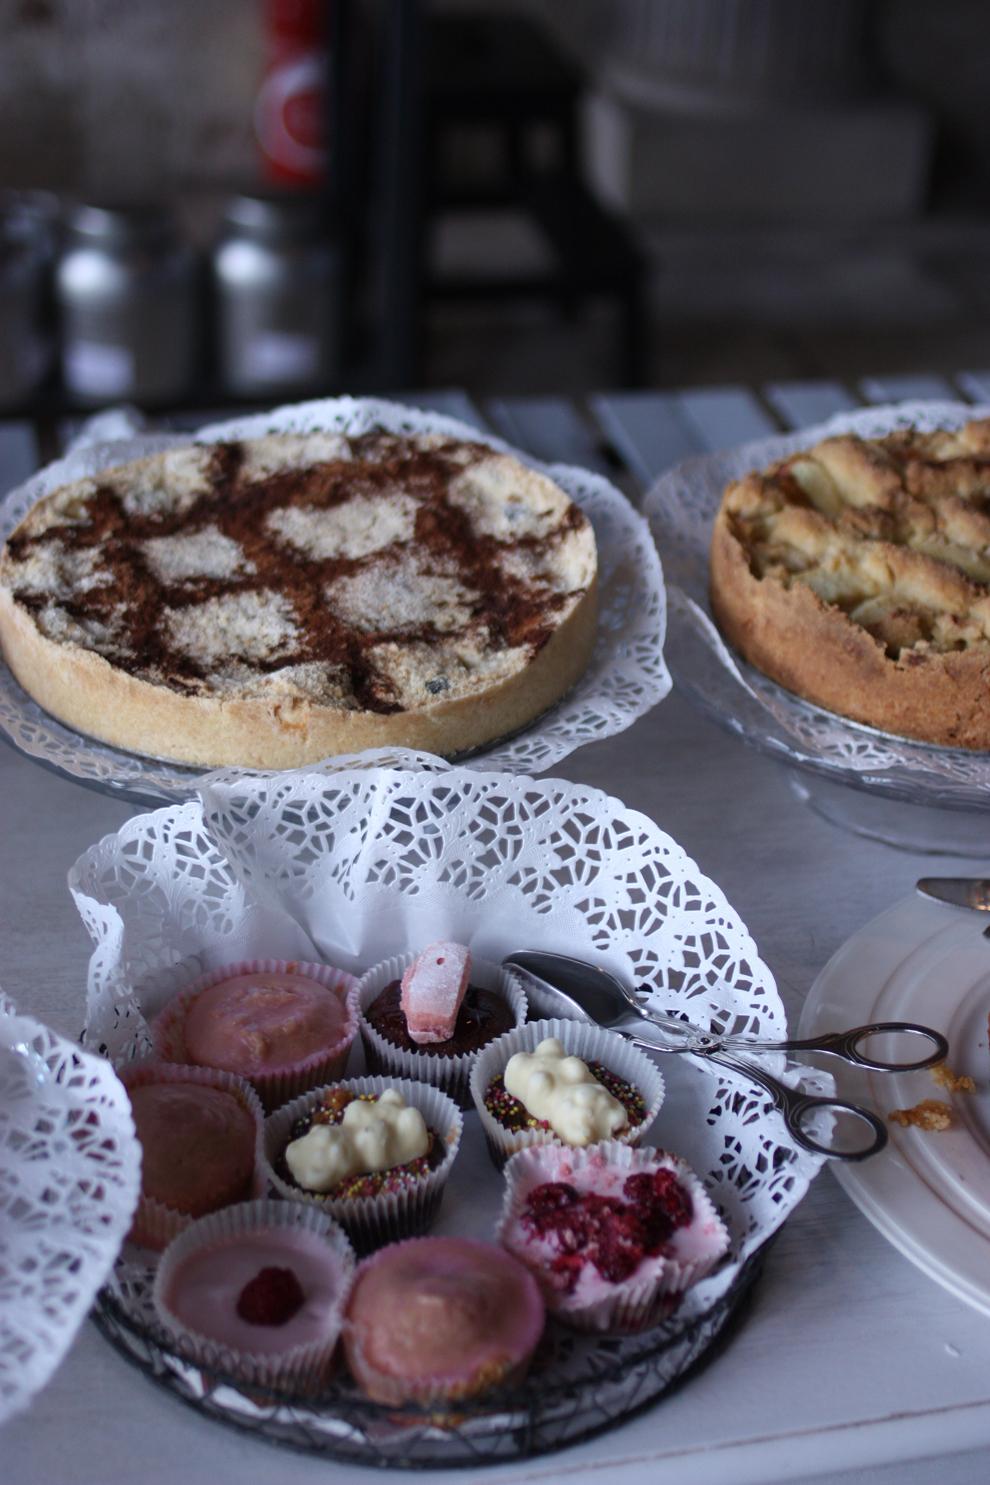 Orangerie_Compiegne_cupcakes